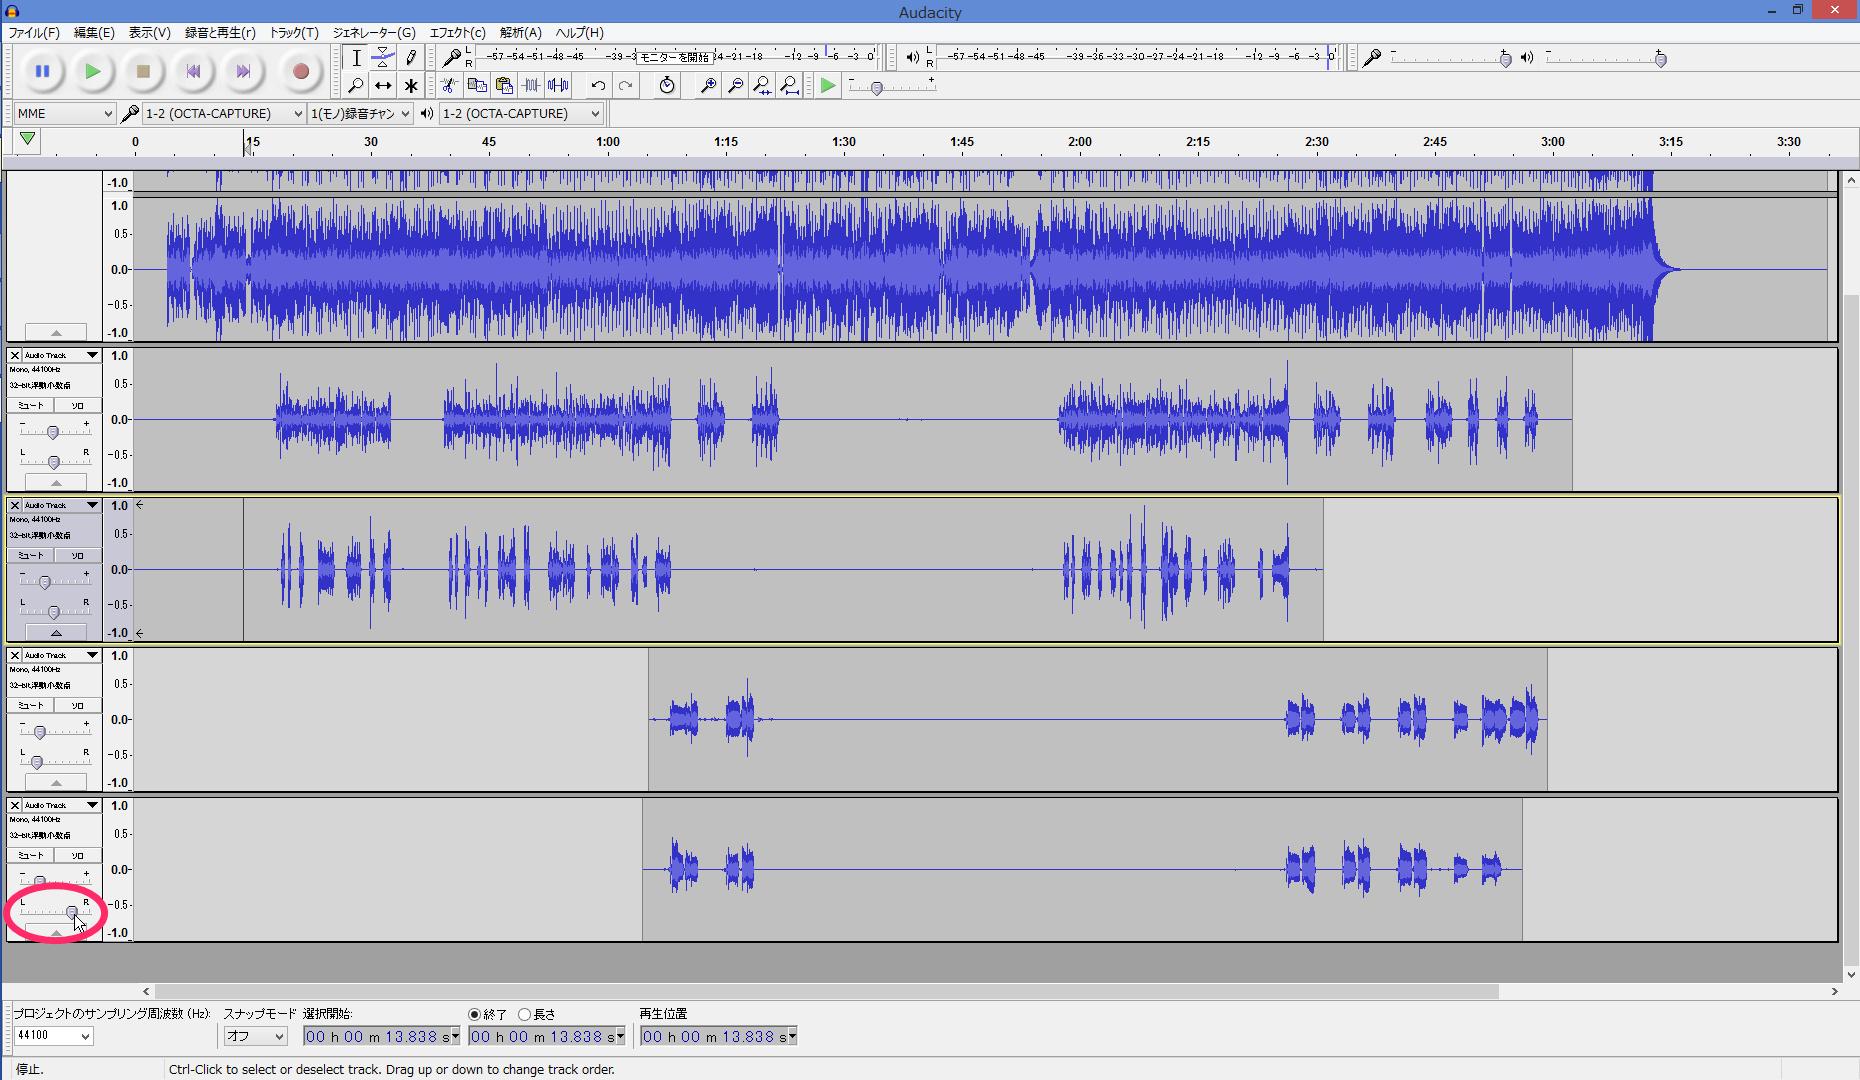 既存の楽曲を聴くと音が左から聴こえたり、右から聴こえたりすると思います。「Audacity」では[パン]スライダー使って左右のバランスを調整できます